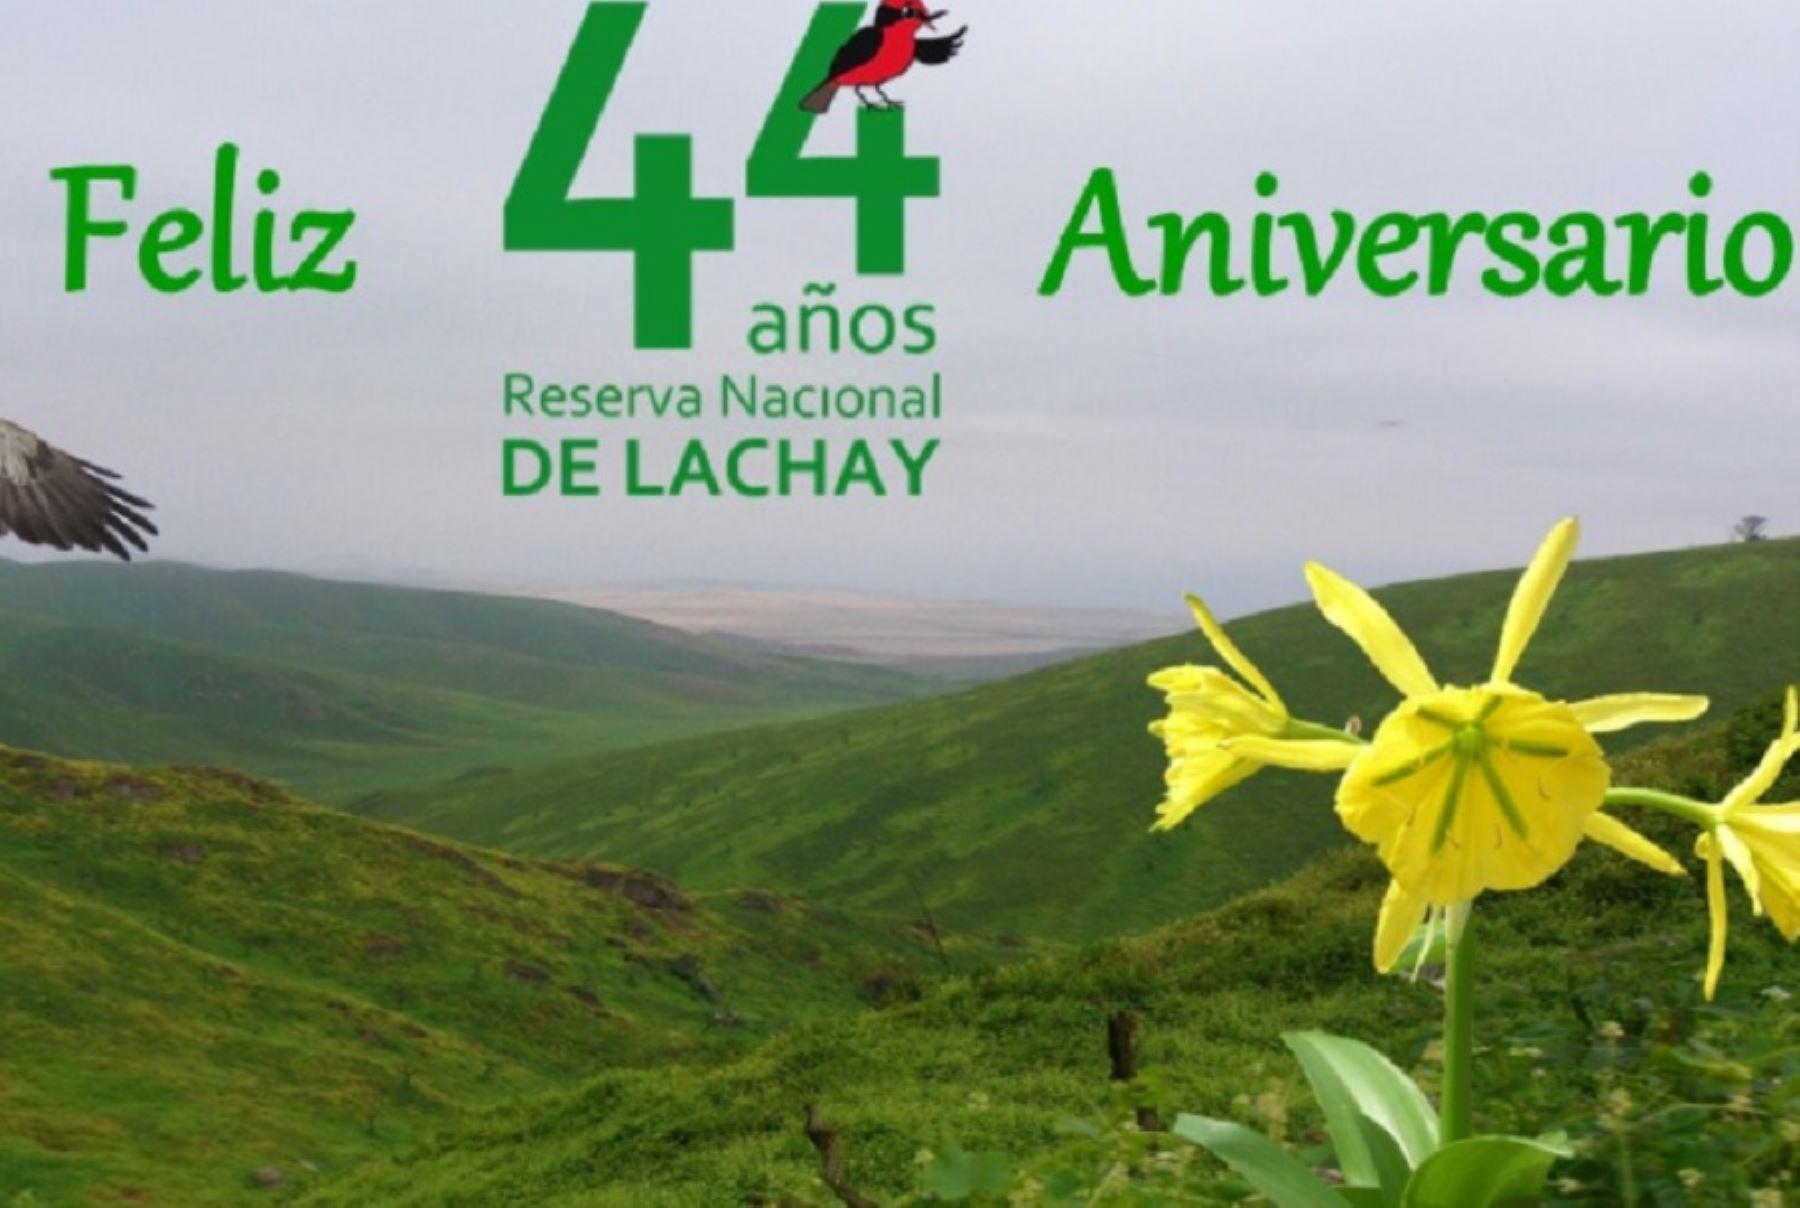 La Reserva Nacional de Lachay es un pequeño paraíso ubicado a tan solo 105 kilómetros al norte de la ciudad de Lima, en el distrito de Chancay, provincia de Huaura, y cumple 44 años como área natural protegida que conserva la singular biodiversidad de las lomas costeras. Foto: Facebook/Reserva Nacional de Lachay-Sernanp